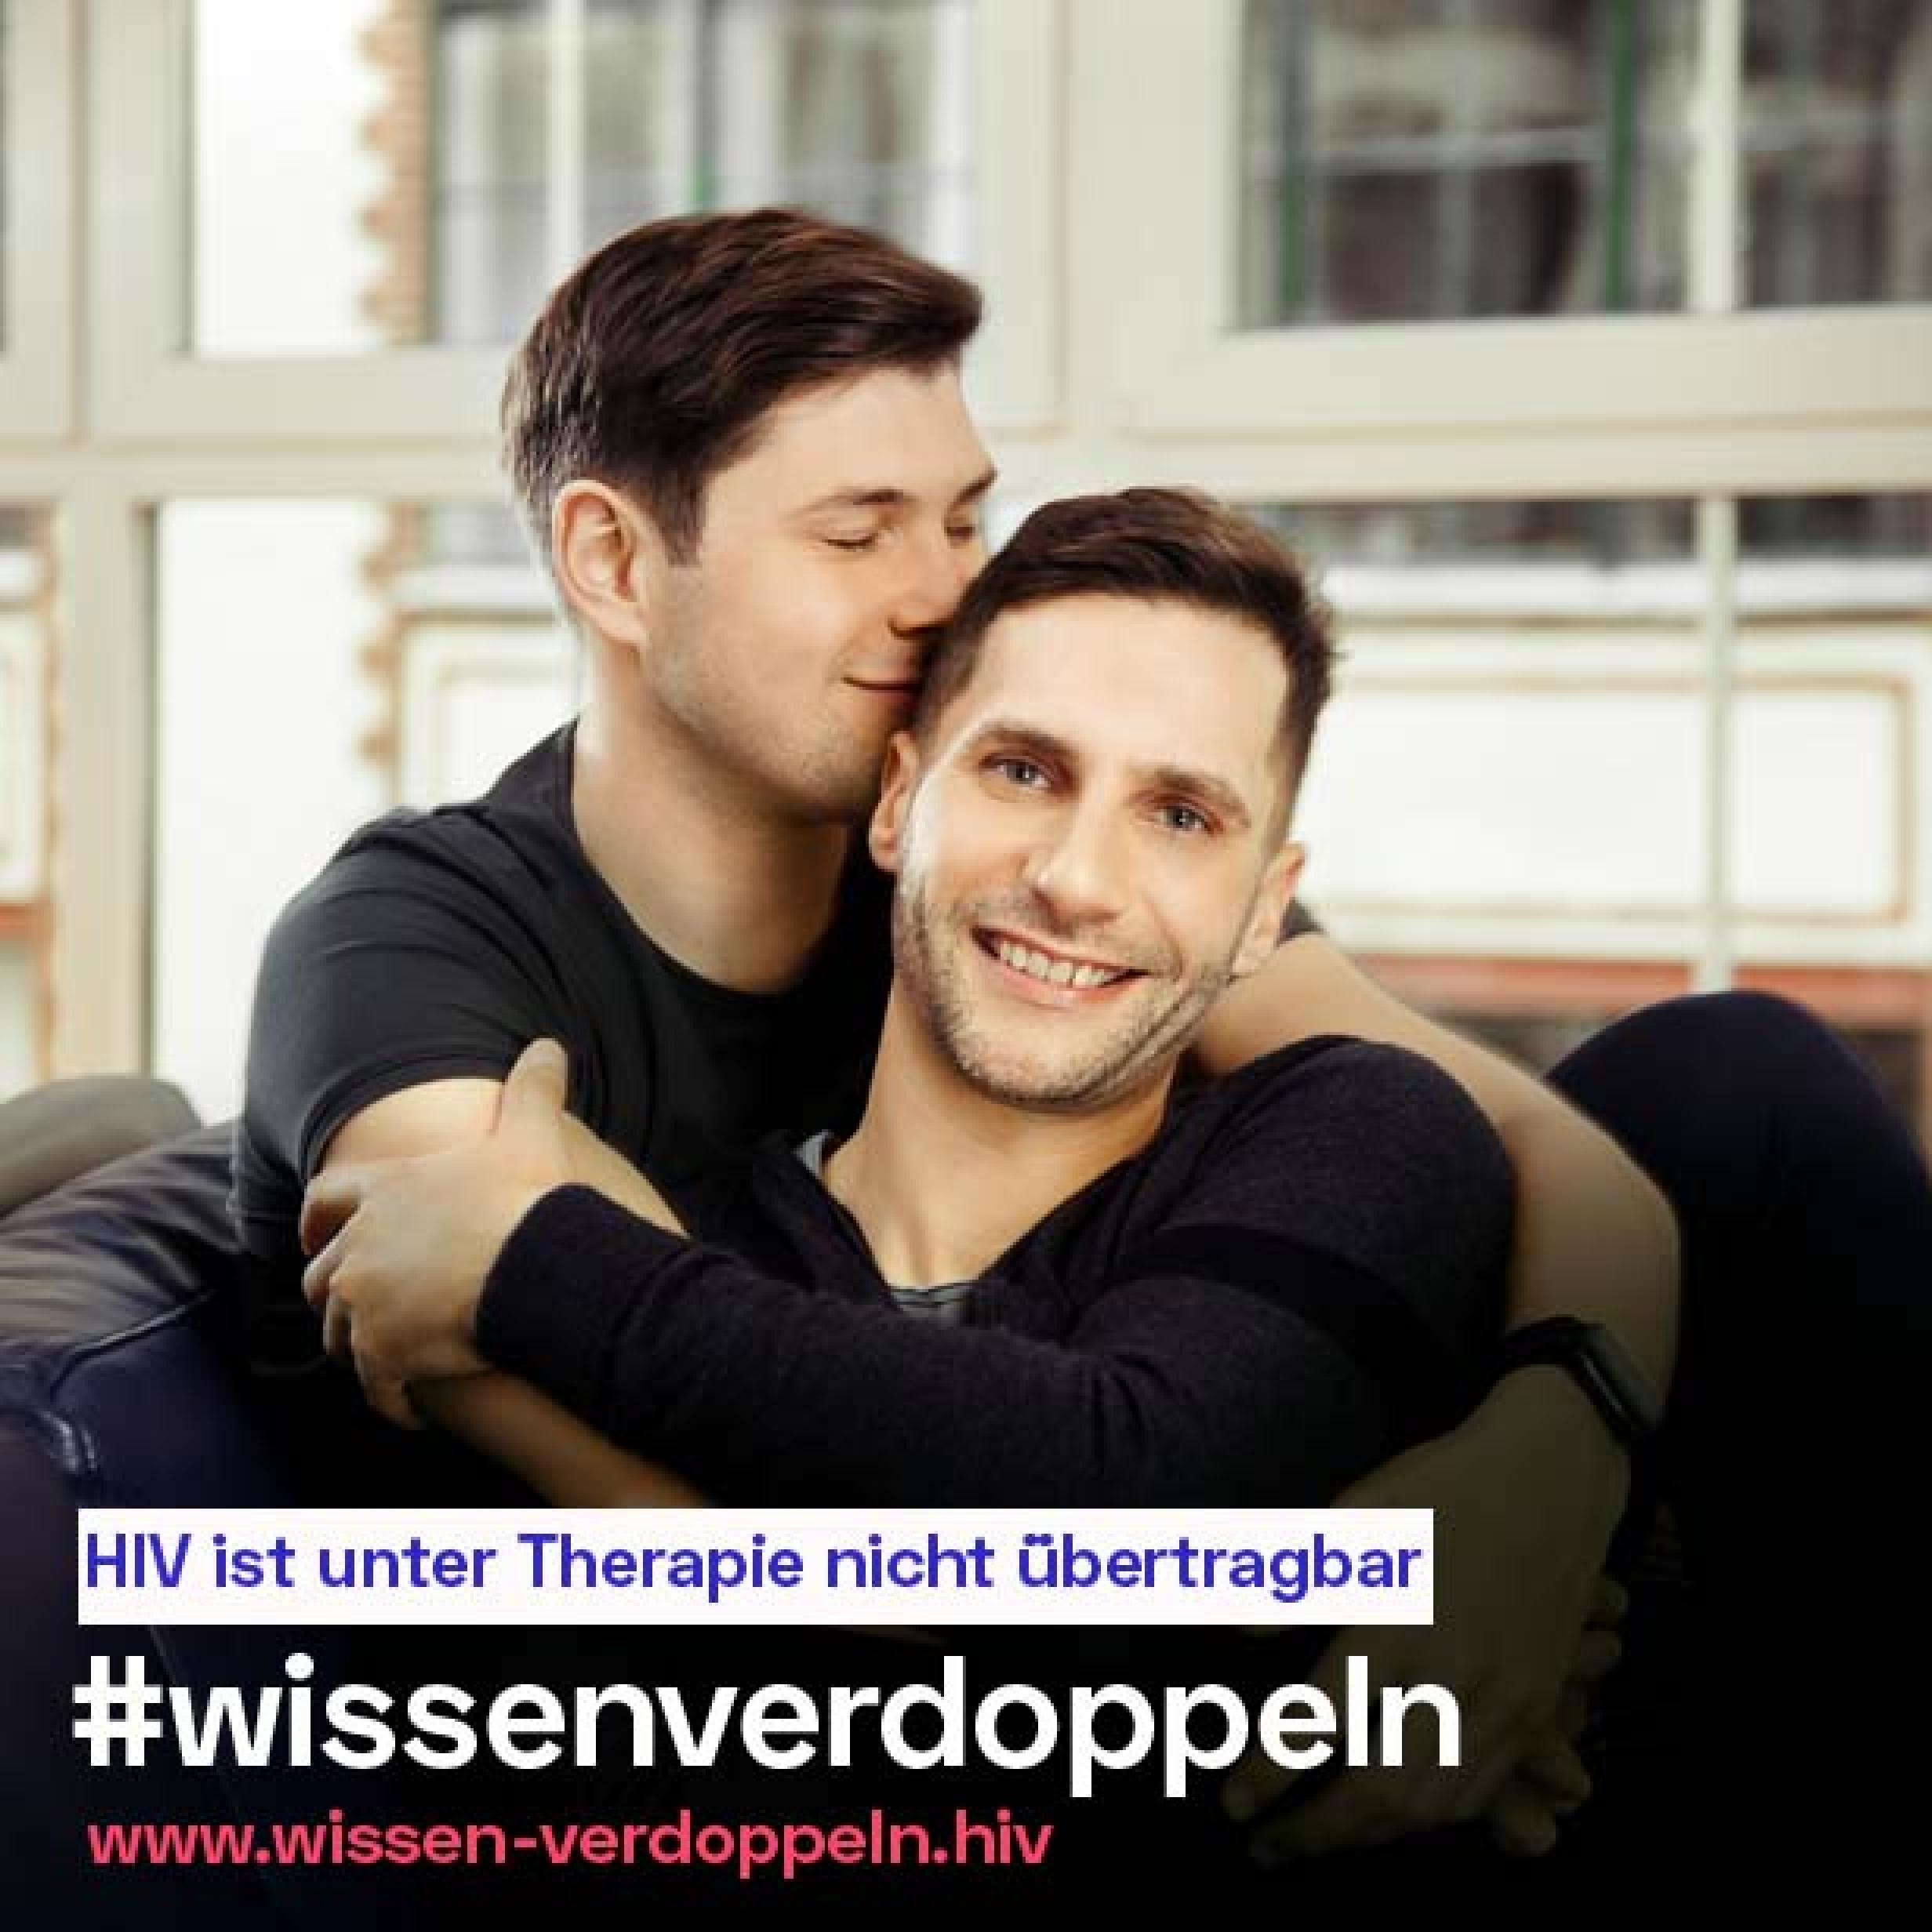 Deutsche AIDS Hilfe